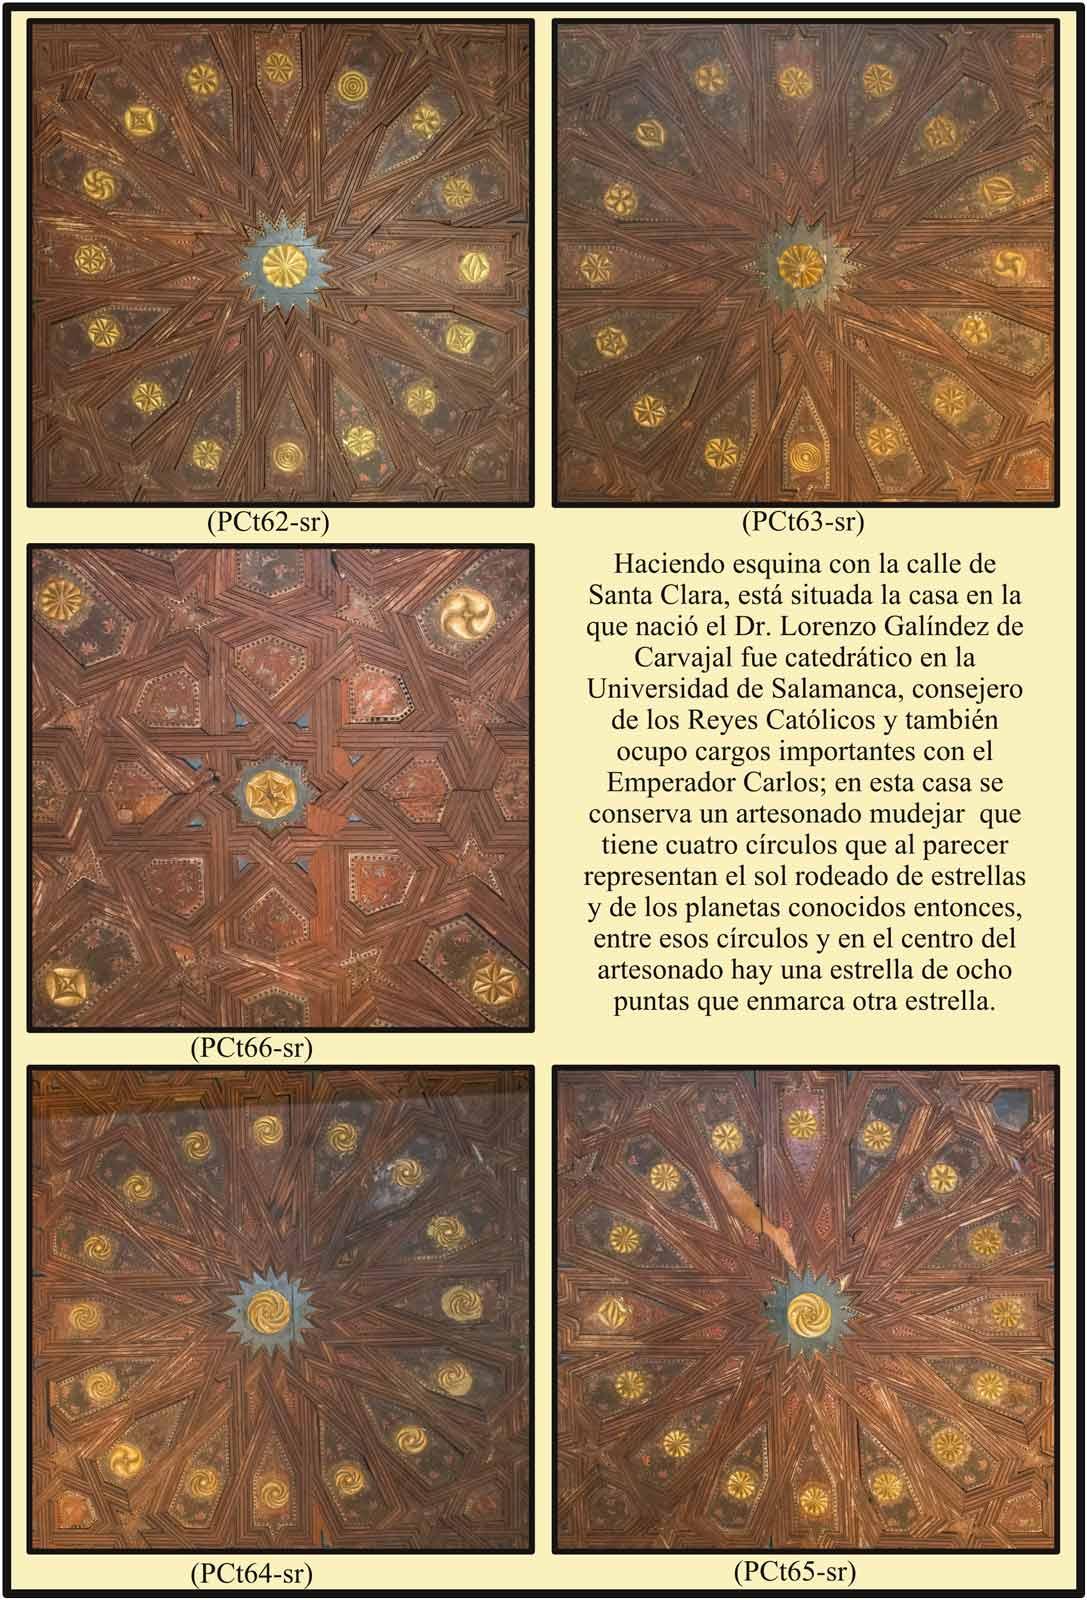 Artesonado mudejar imitando al sol con las estrellas y planetas Casa Dr Galindez